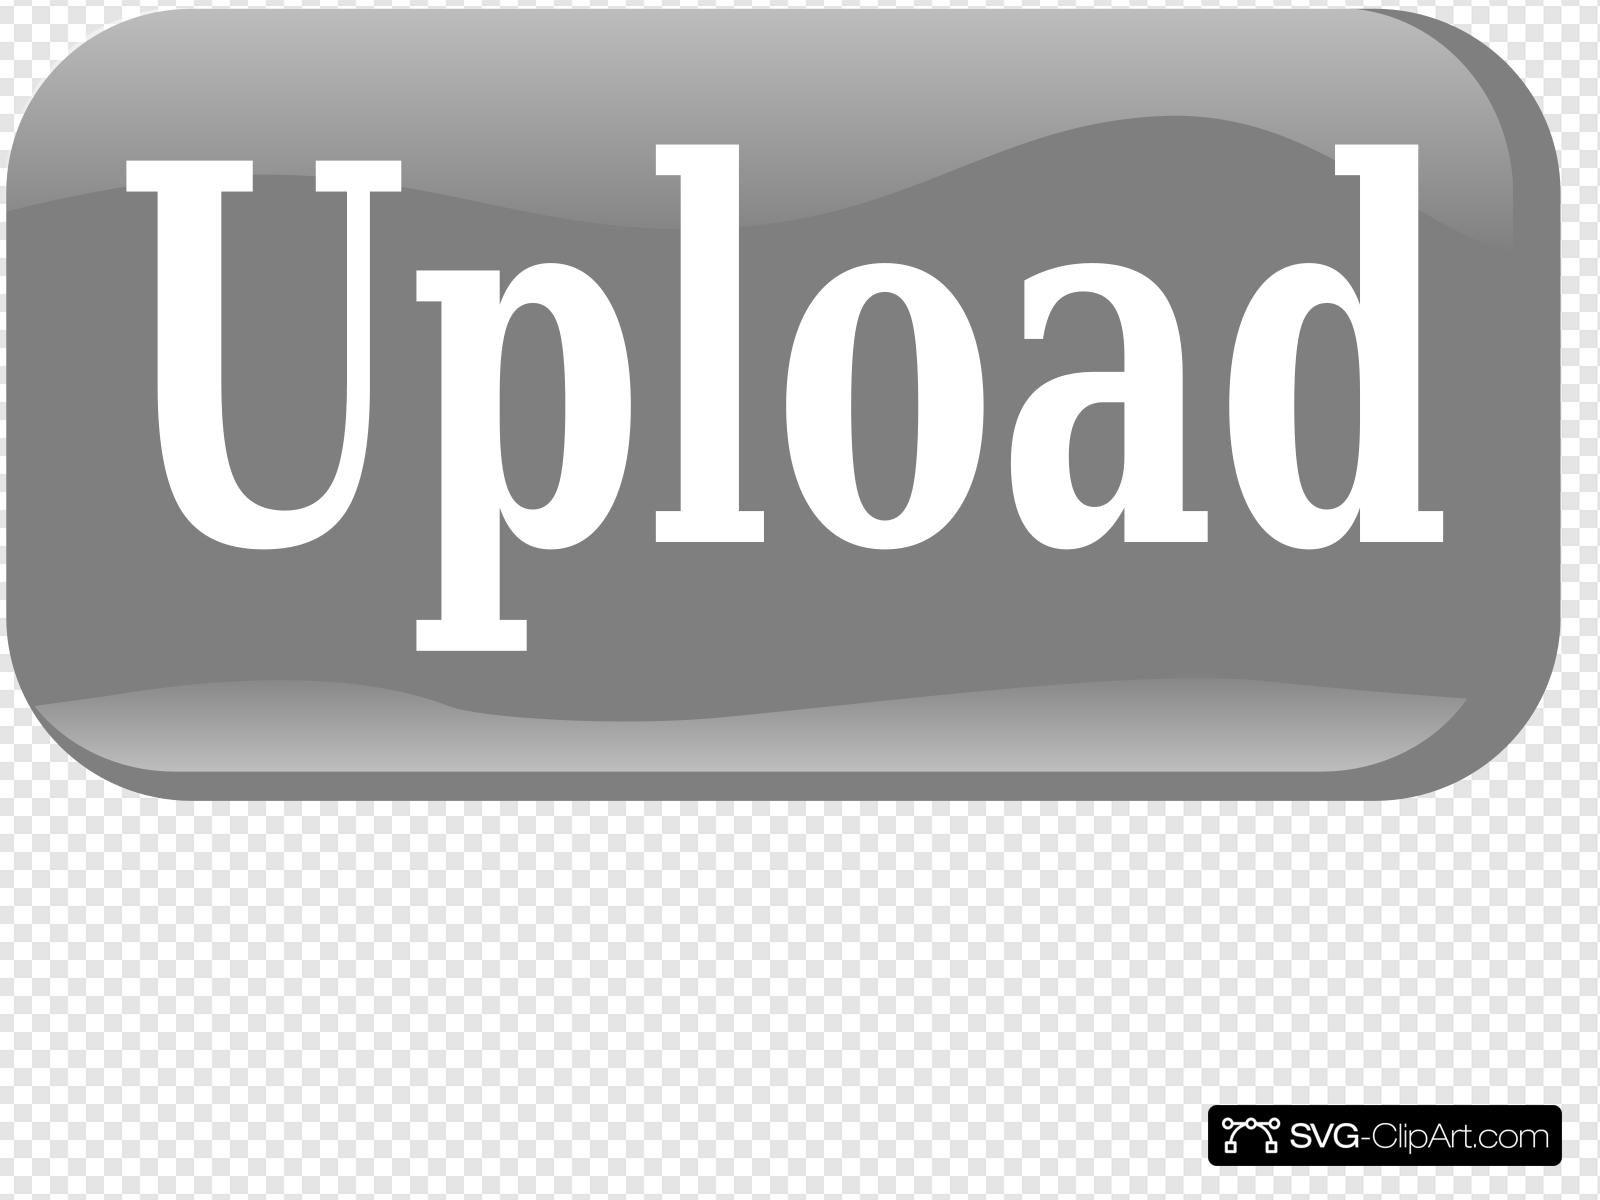 Upload button clipart svg freeuse Upload Button Clip art, Icon and SVG - SVG Clipart svg freeuse